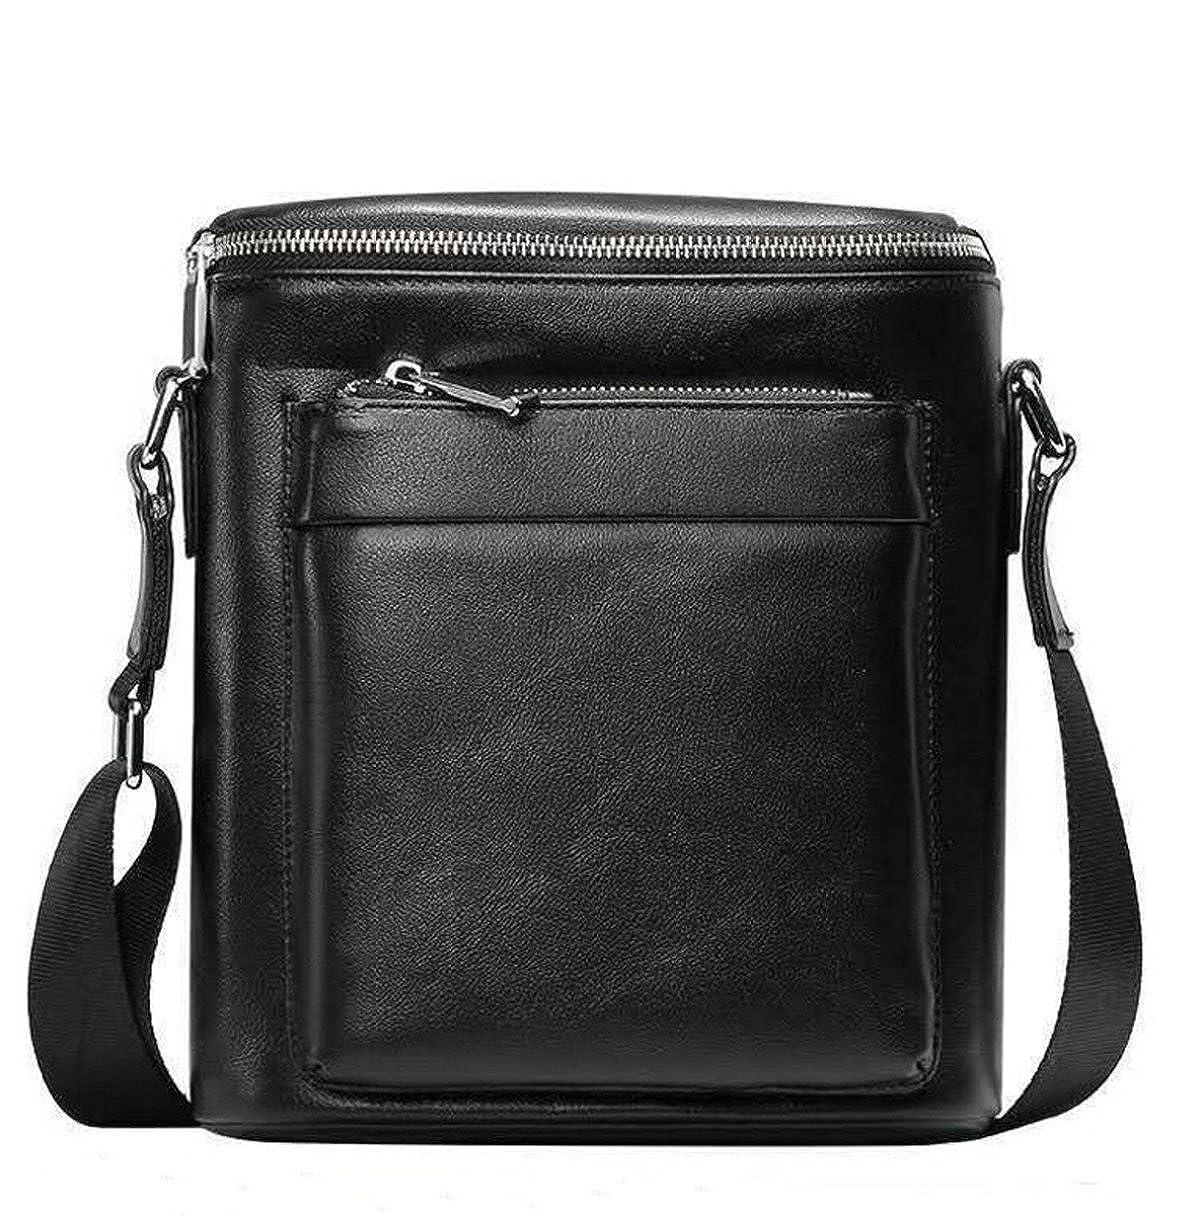 Geschäft Casual Wichtige Composite-Ledertasche Quadratische Tasche Für Männer Schwarz